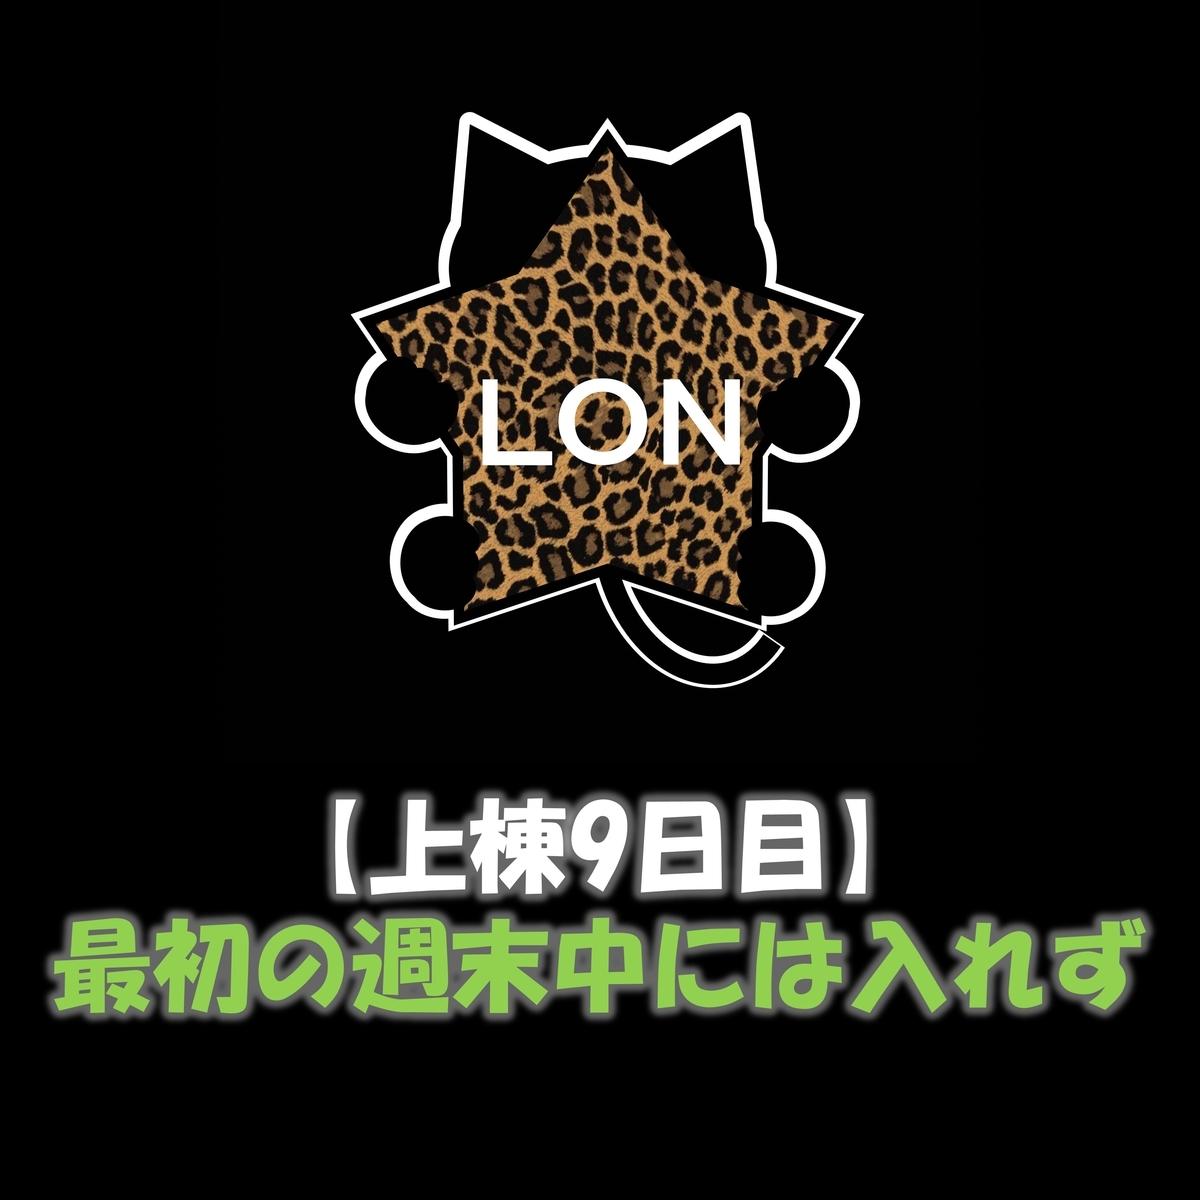 f:id:lon_blackcat:20201206154847j:plain